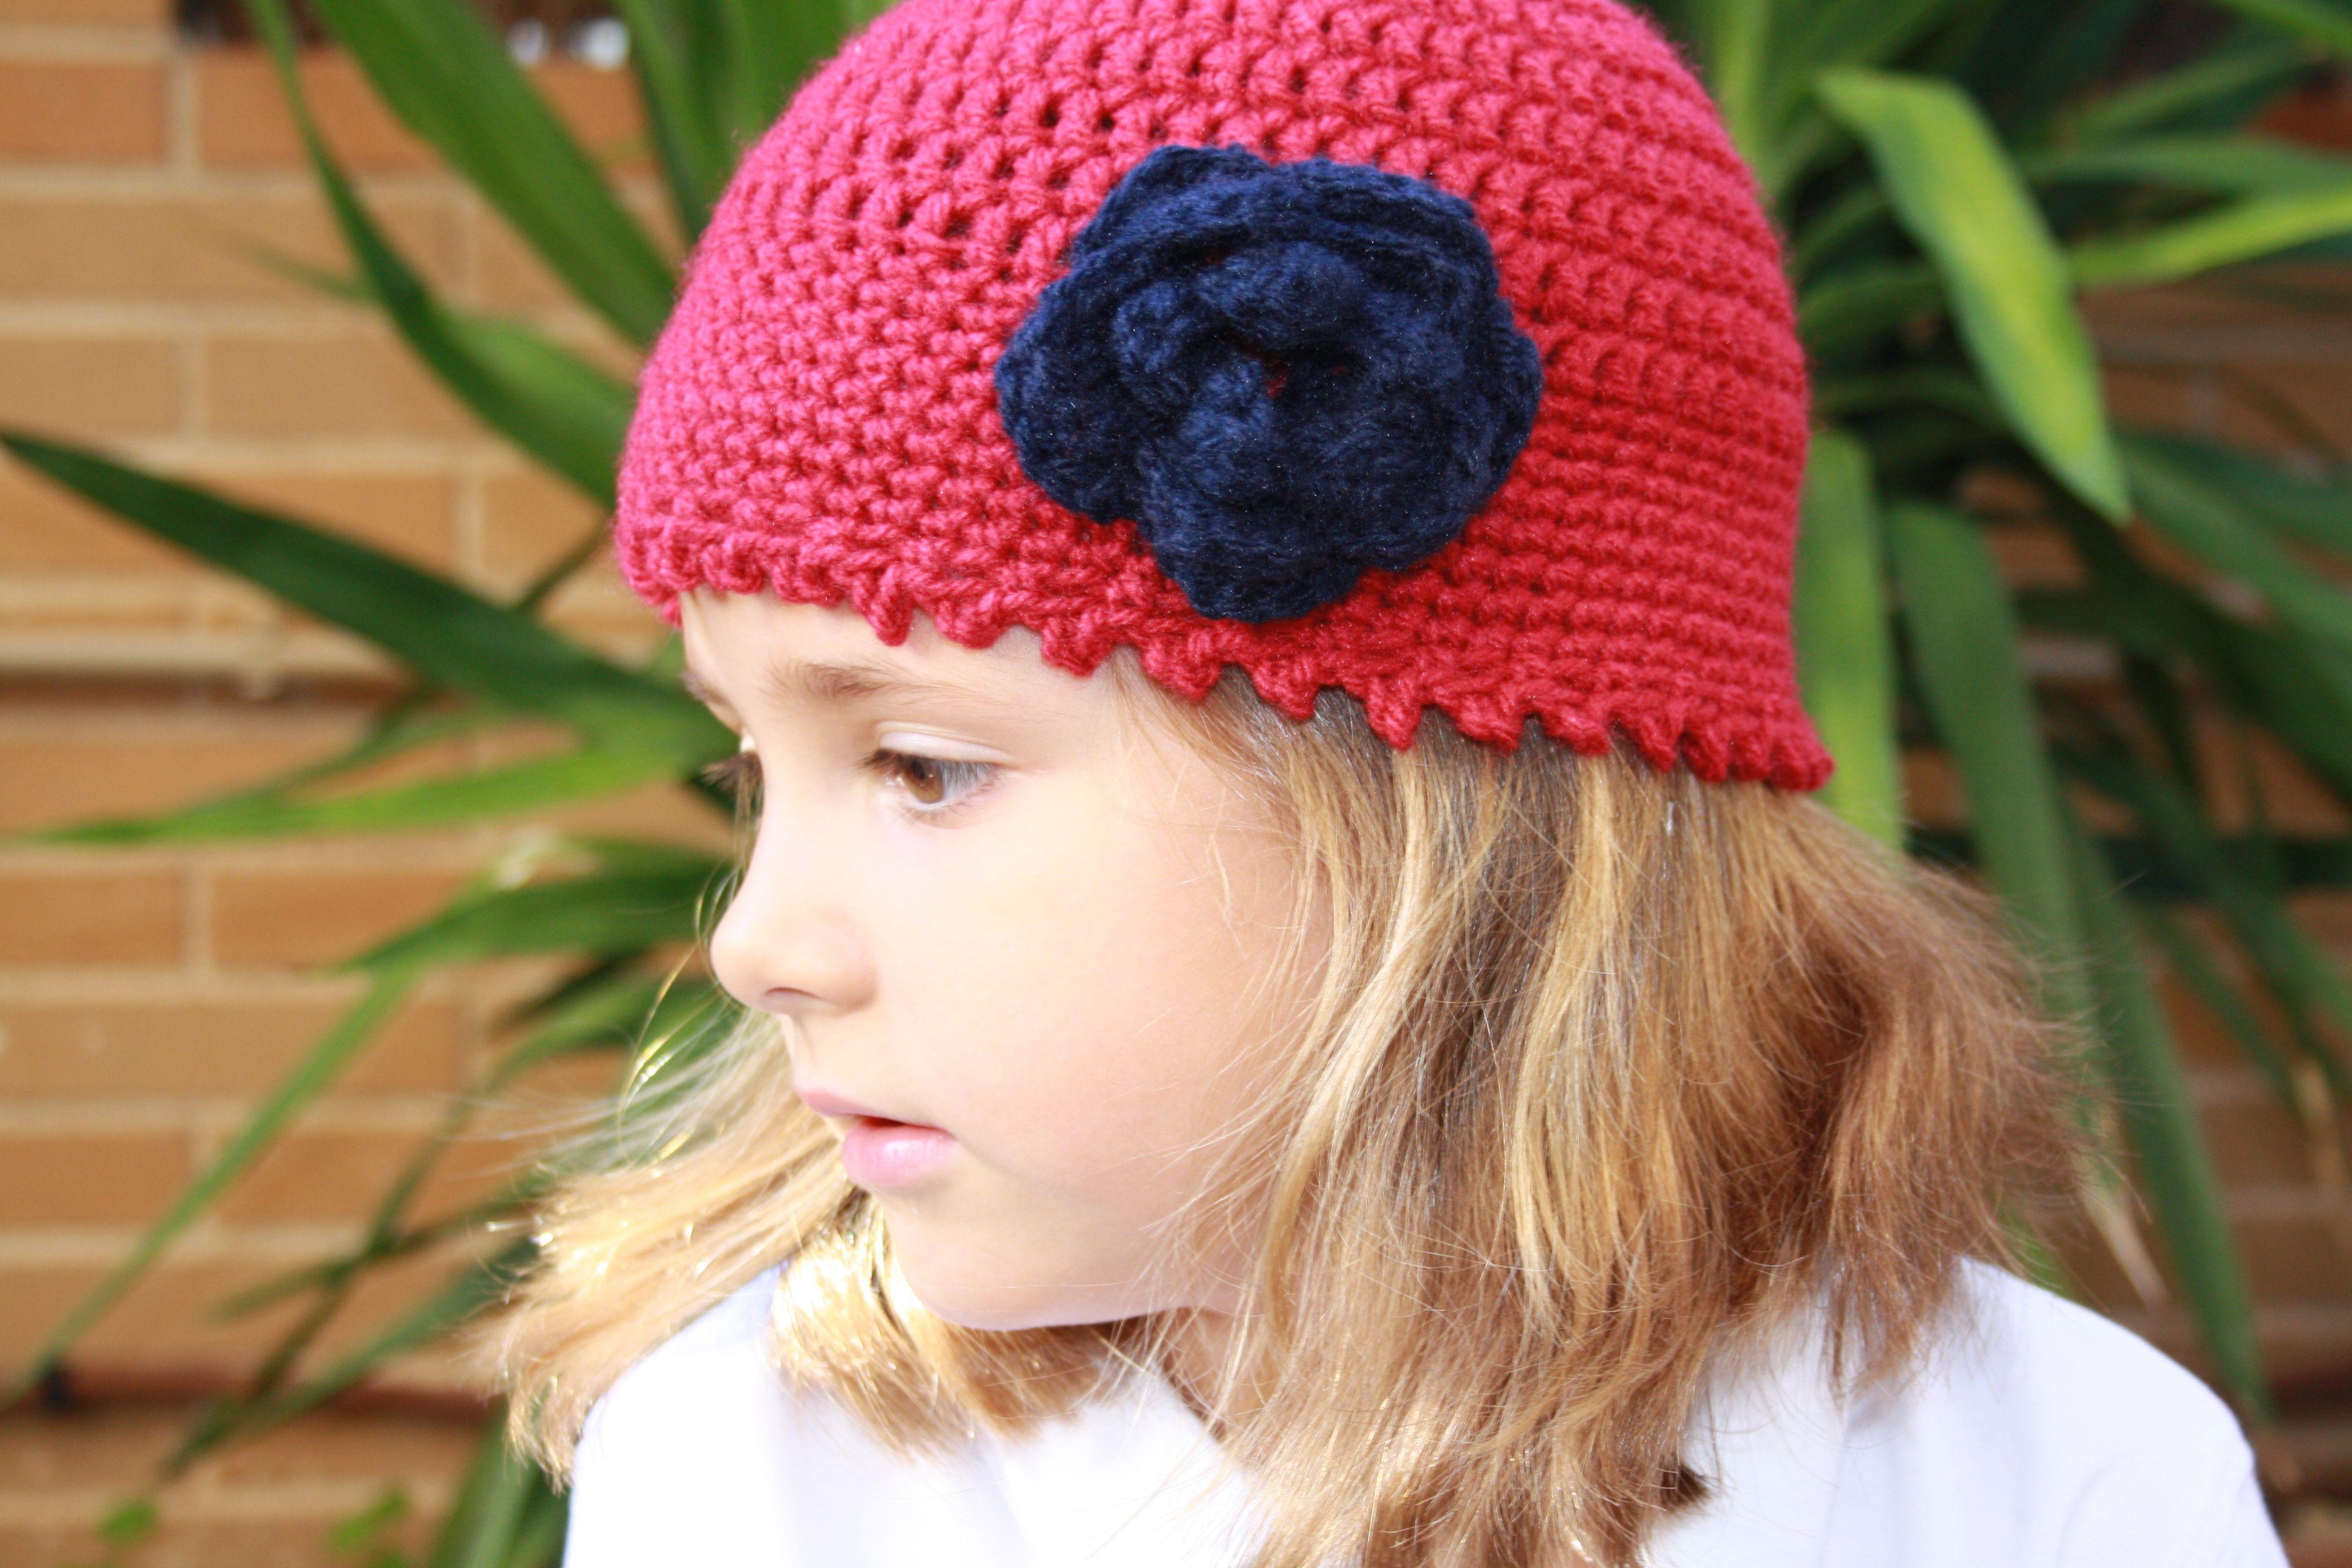 626ecd5a733e7 Gorro de lana color frambuesa tejido a mano y con detalle de flor en marino